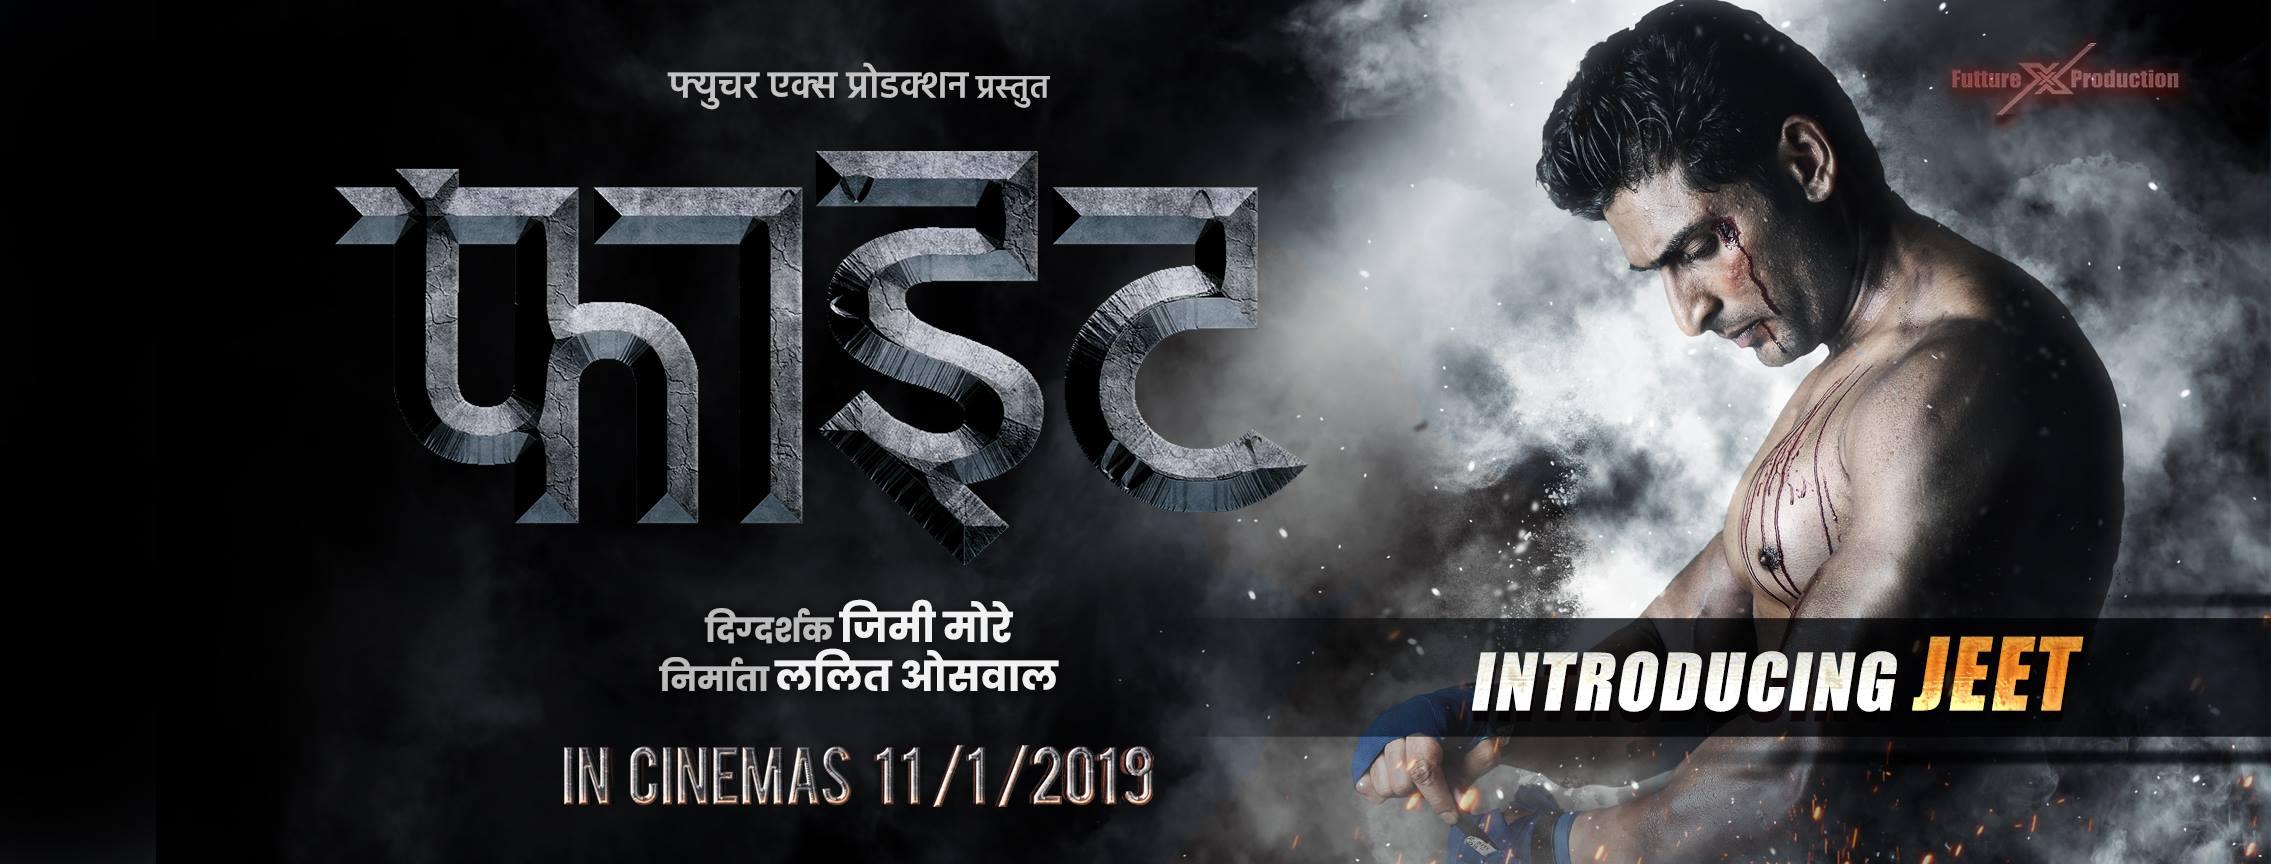 Figght Marathi Movie, Figght Action Drama, Marathi Trailer, Marathi Movie